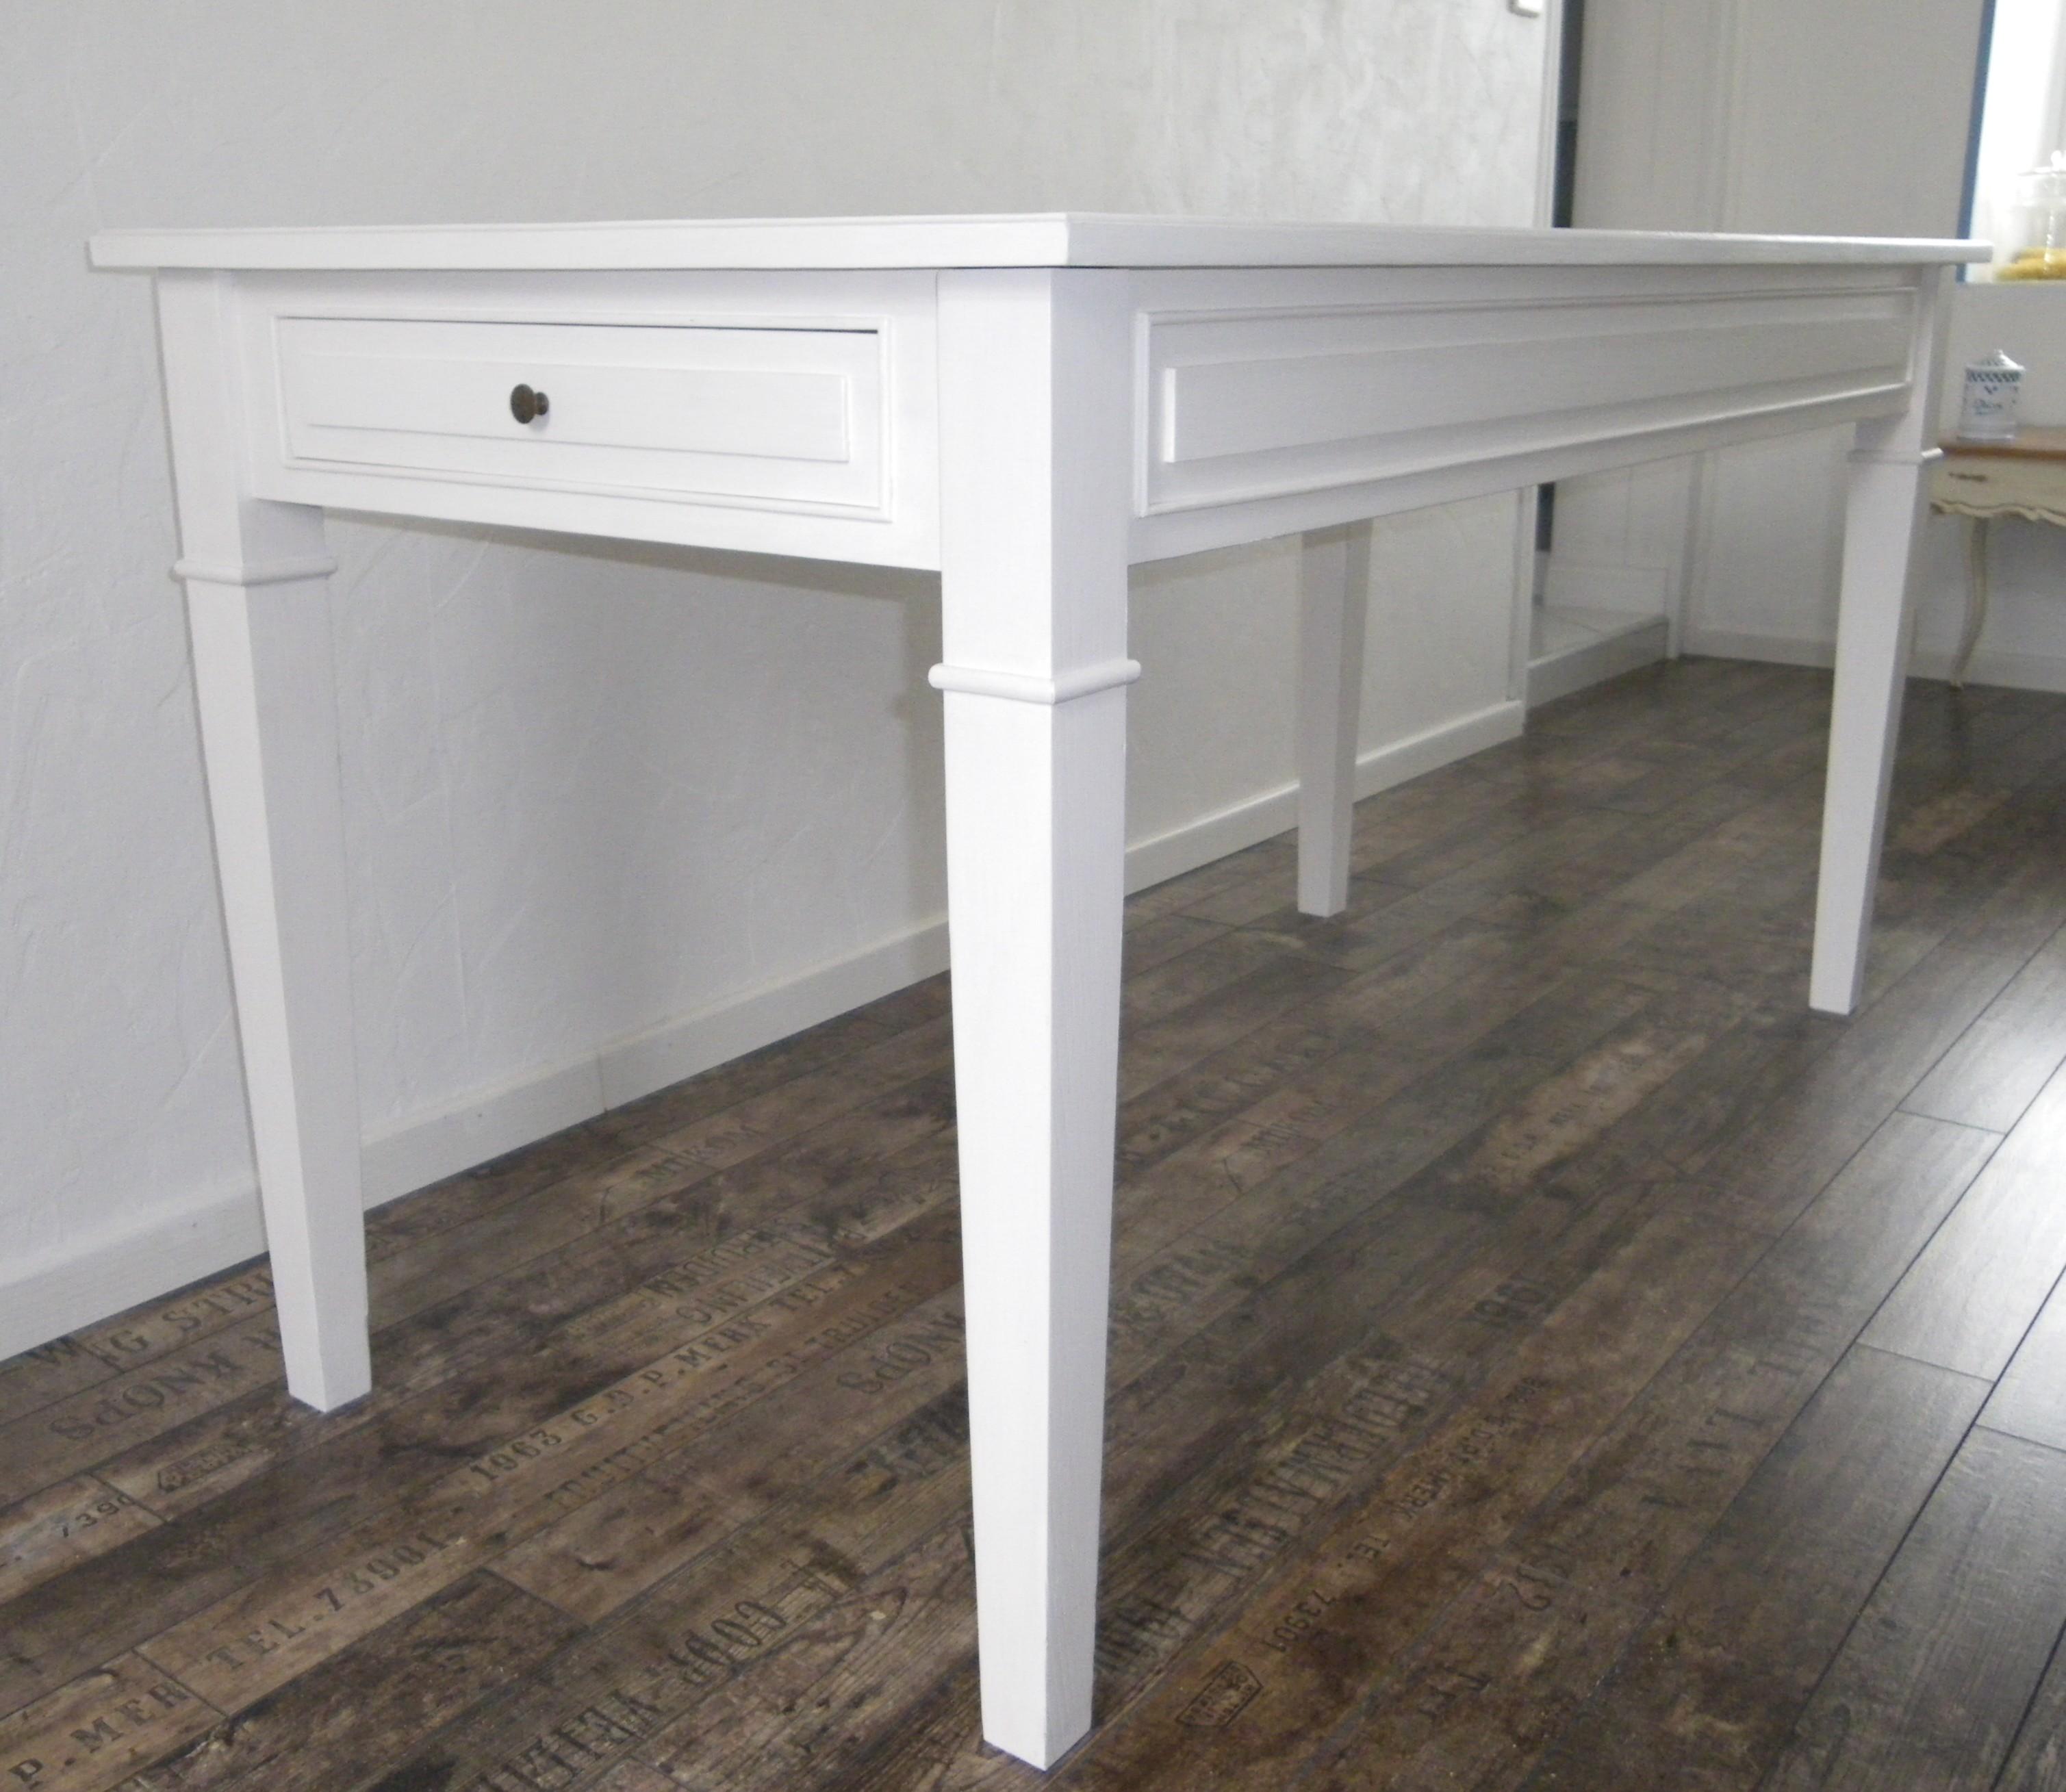 Table de cuisine salle manger peinte blanche anjoudeco for Table cuisine blanche